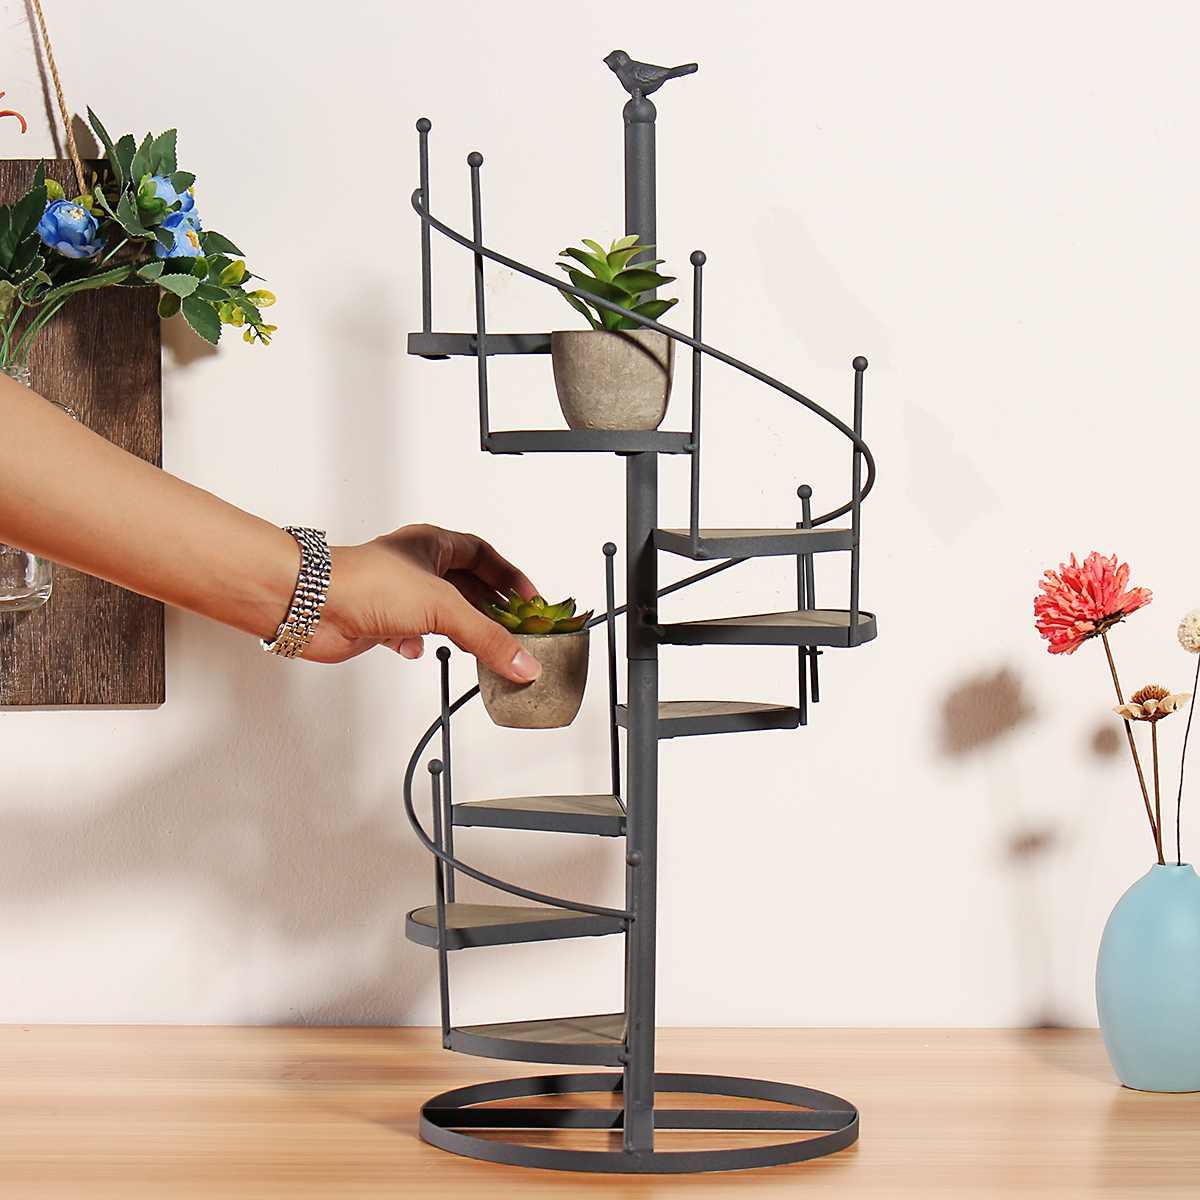 Estante decorativo moderno de hierro para plantas, estante para plantas suculentas, soporte de flores para jardín de escritorio con forma de escalera de 8 capas + plato de madera